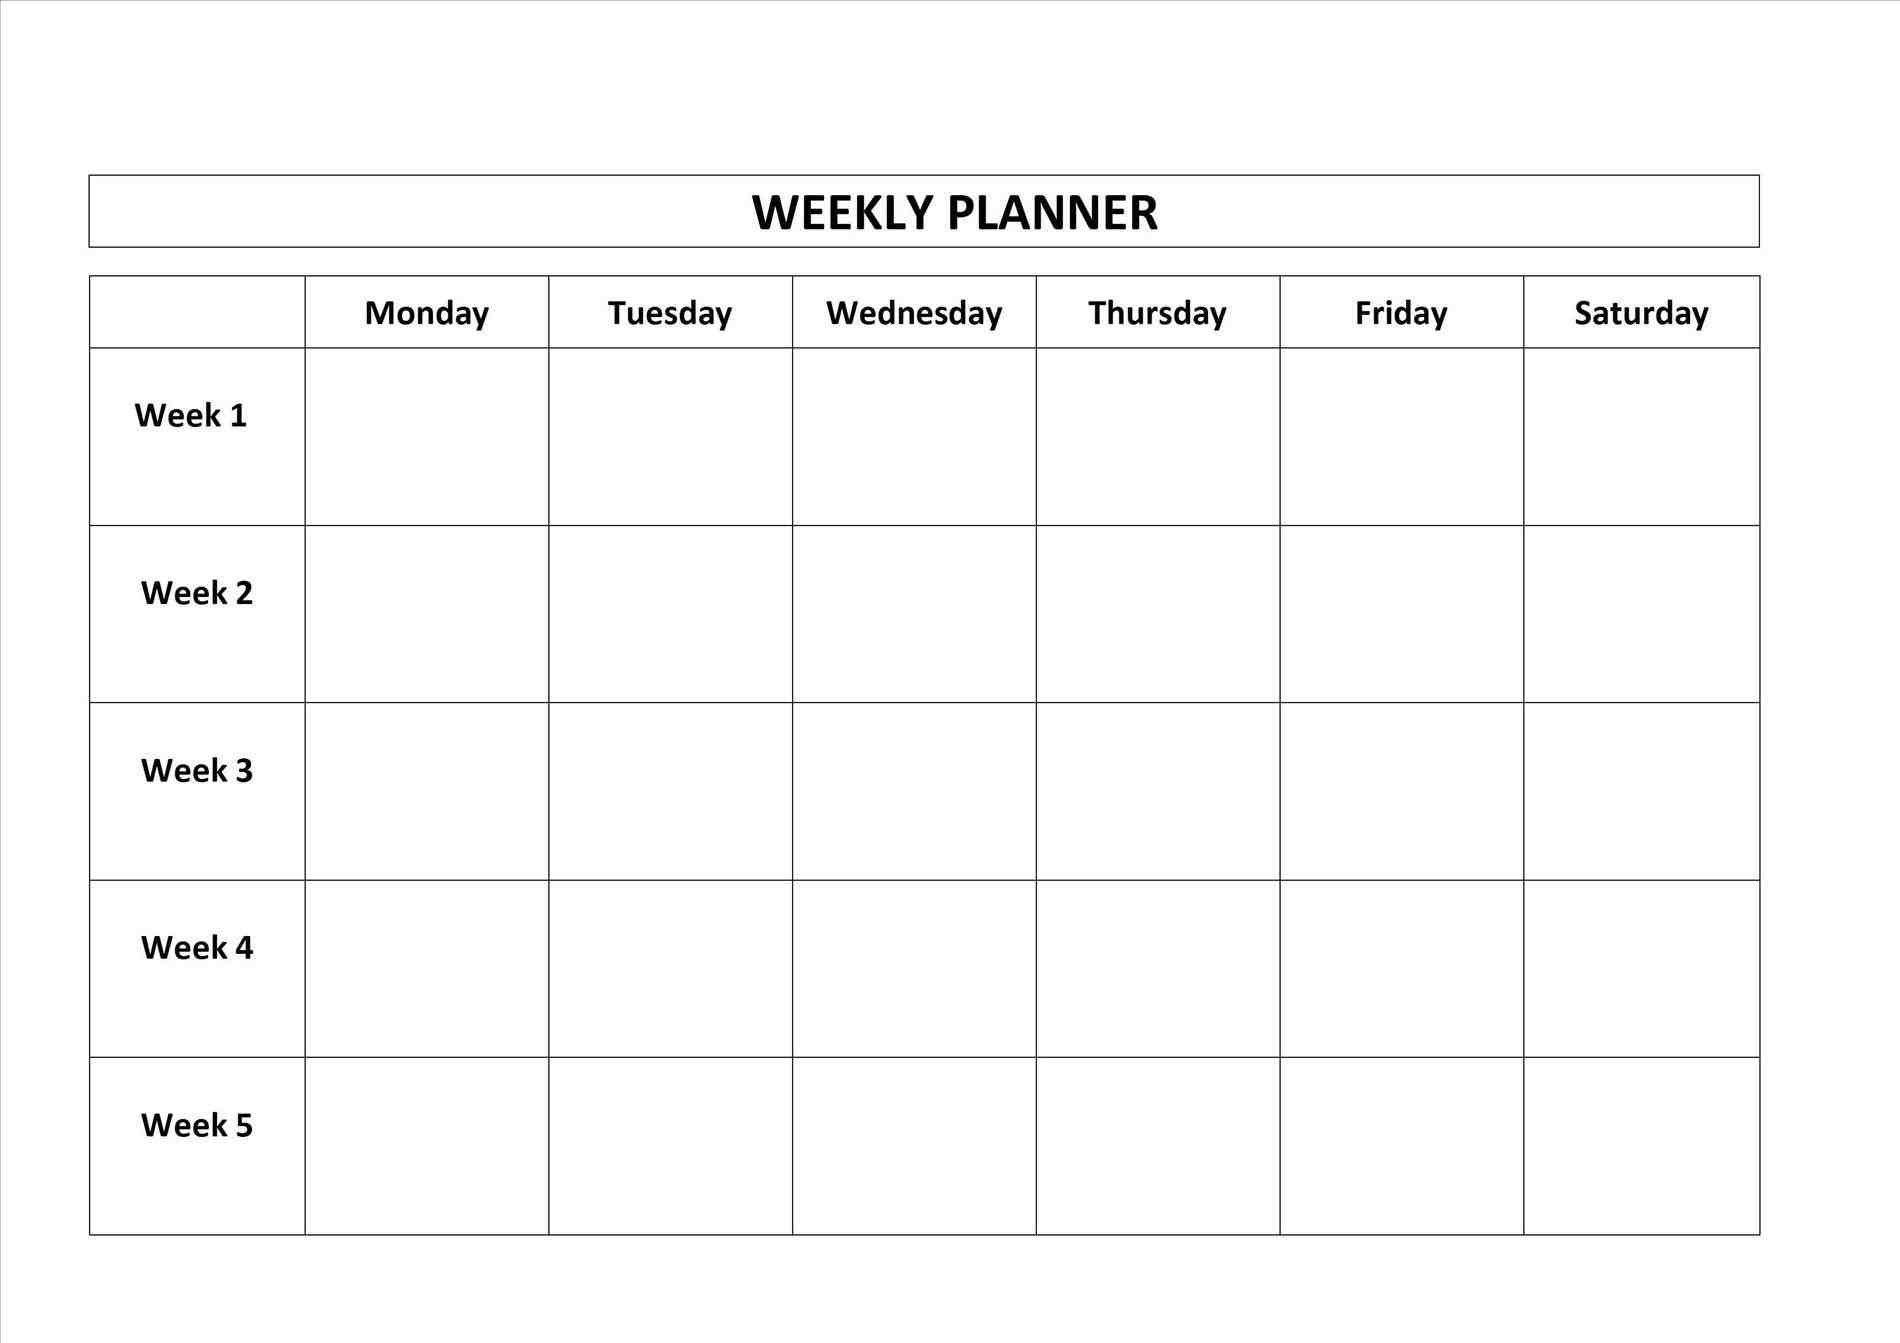 Monday Through Friday Calendar Template | Example Calendar Free Monday To Friday Downloadable Calendar